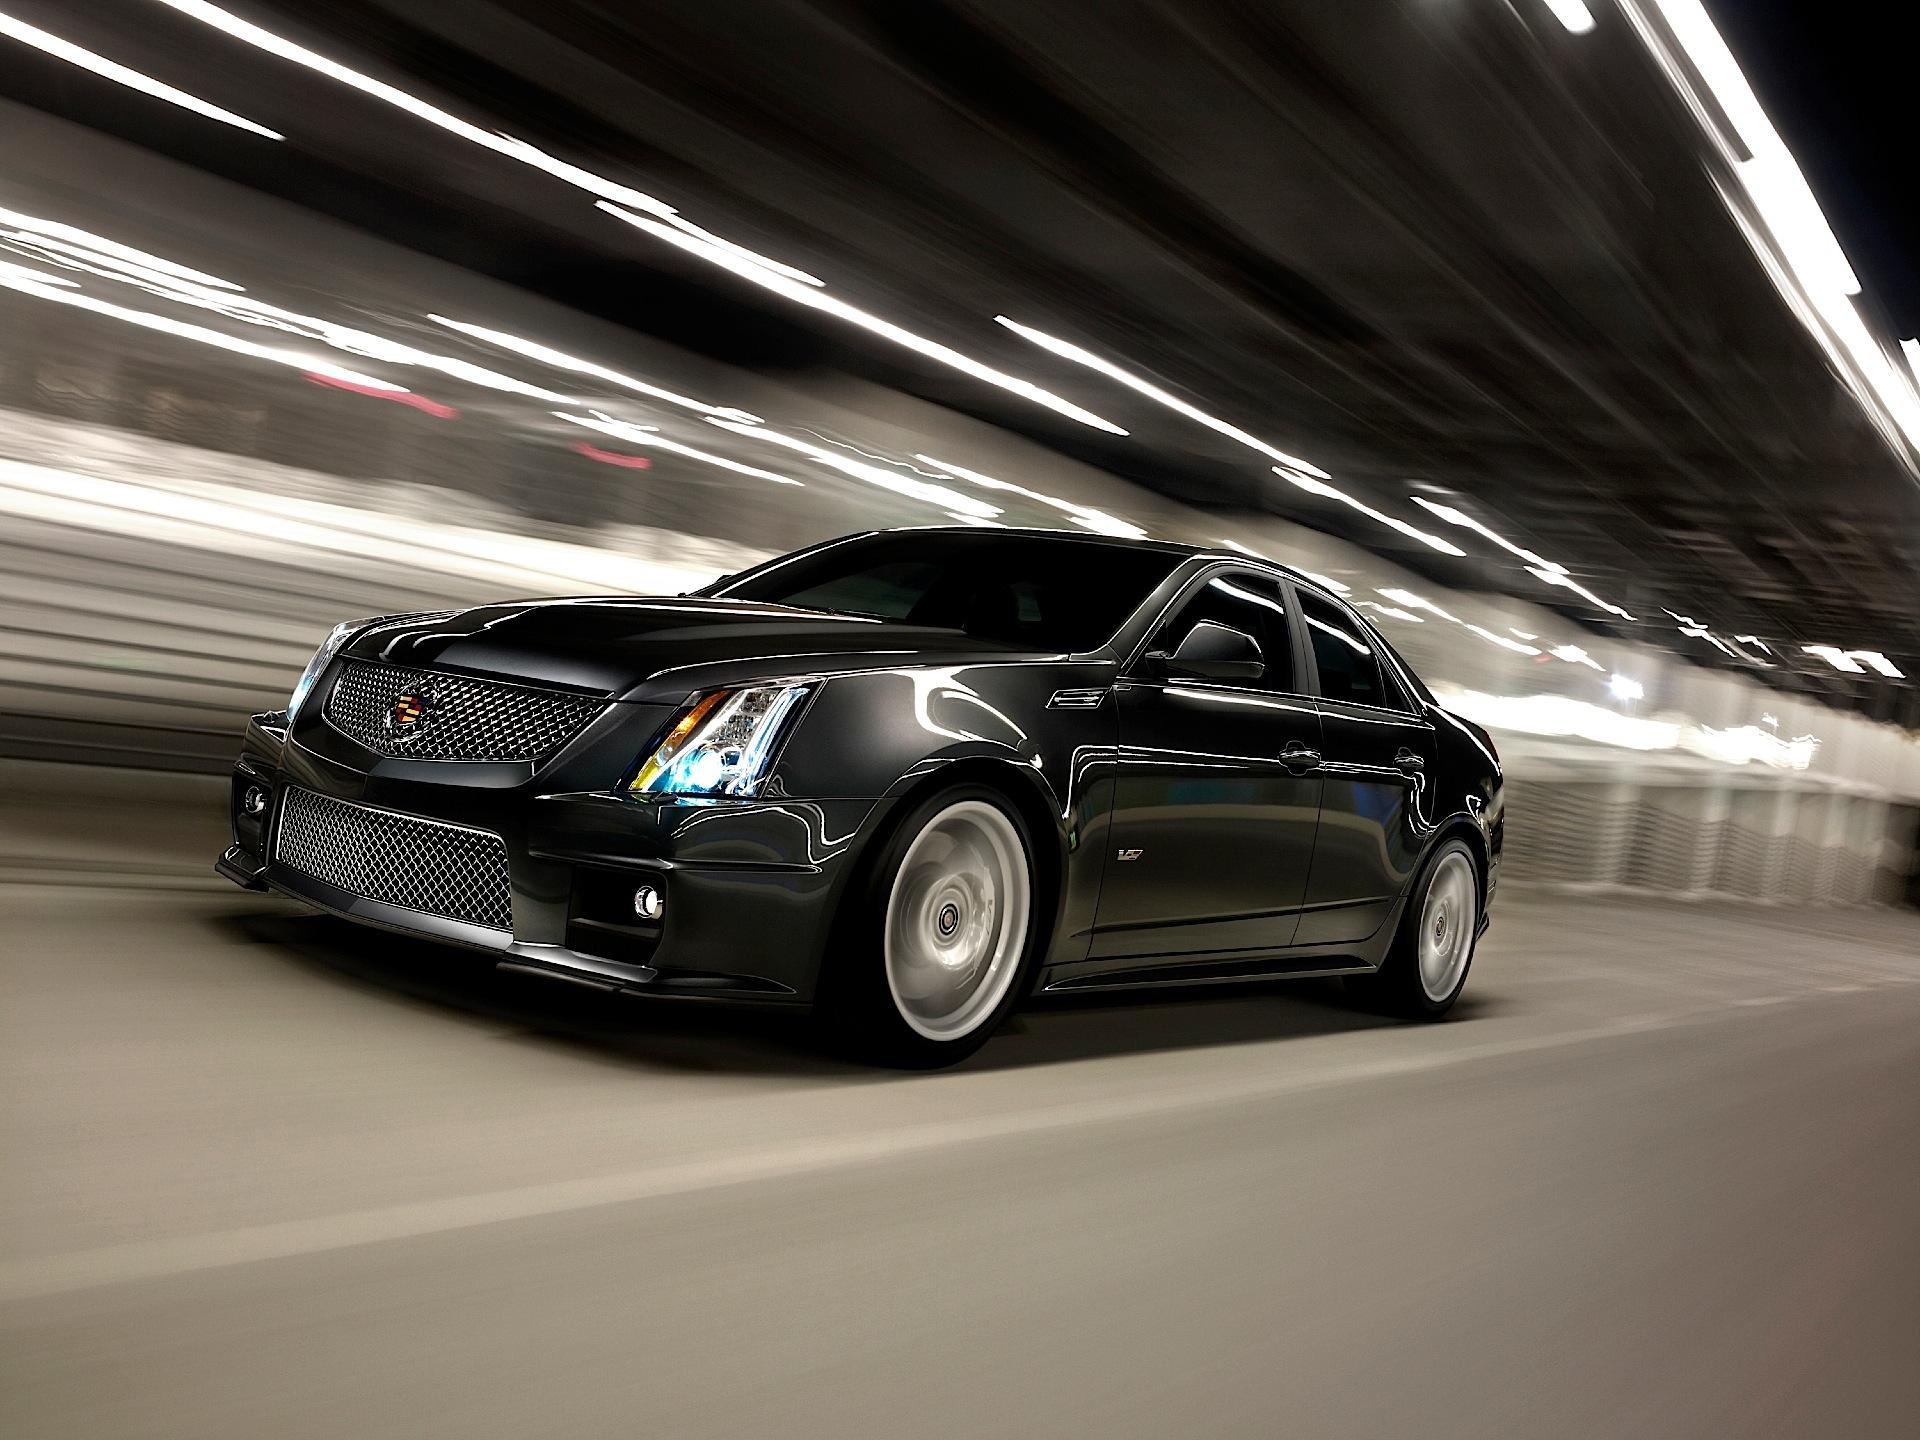 Cadillac cts v specs 2008 2009 2010 2011 2012 2013 - Cadillac cts v coupe specs ...